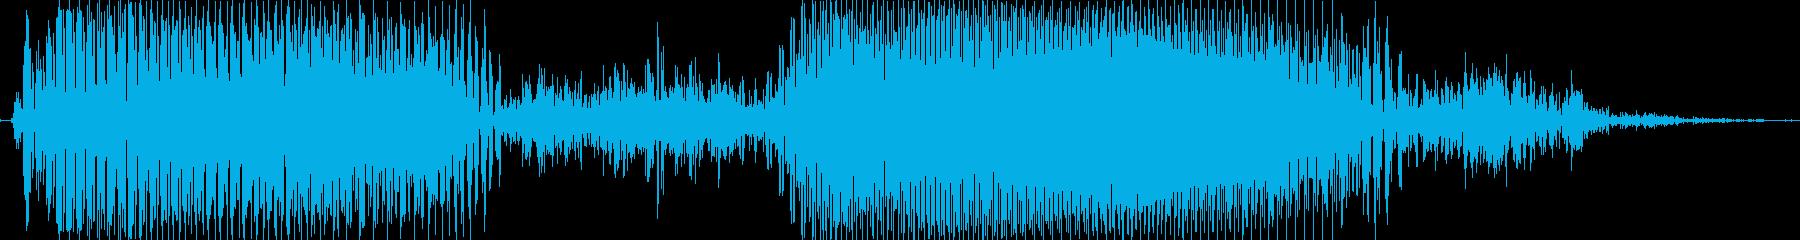 押せ!の再生済みの波形